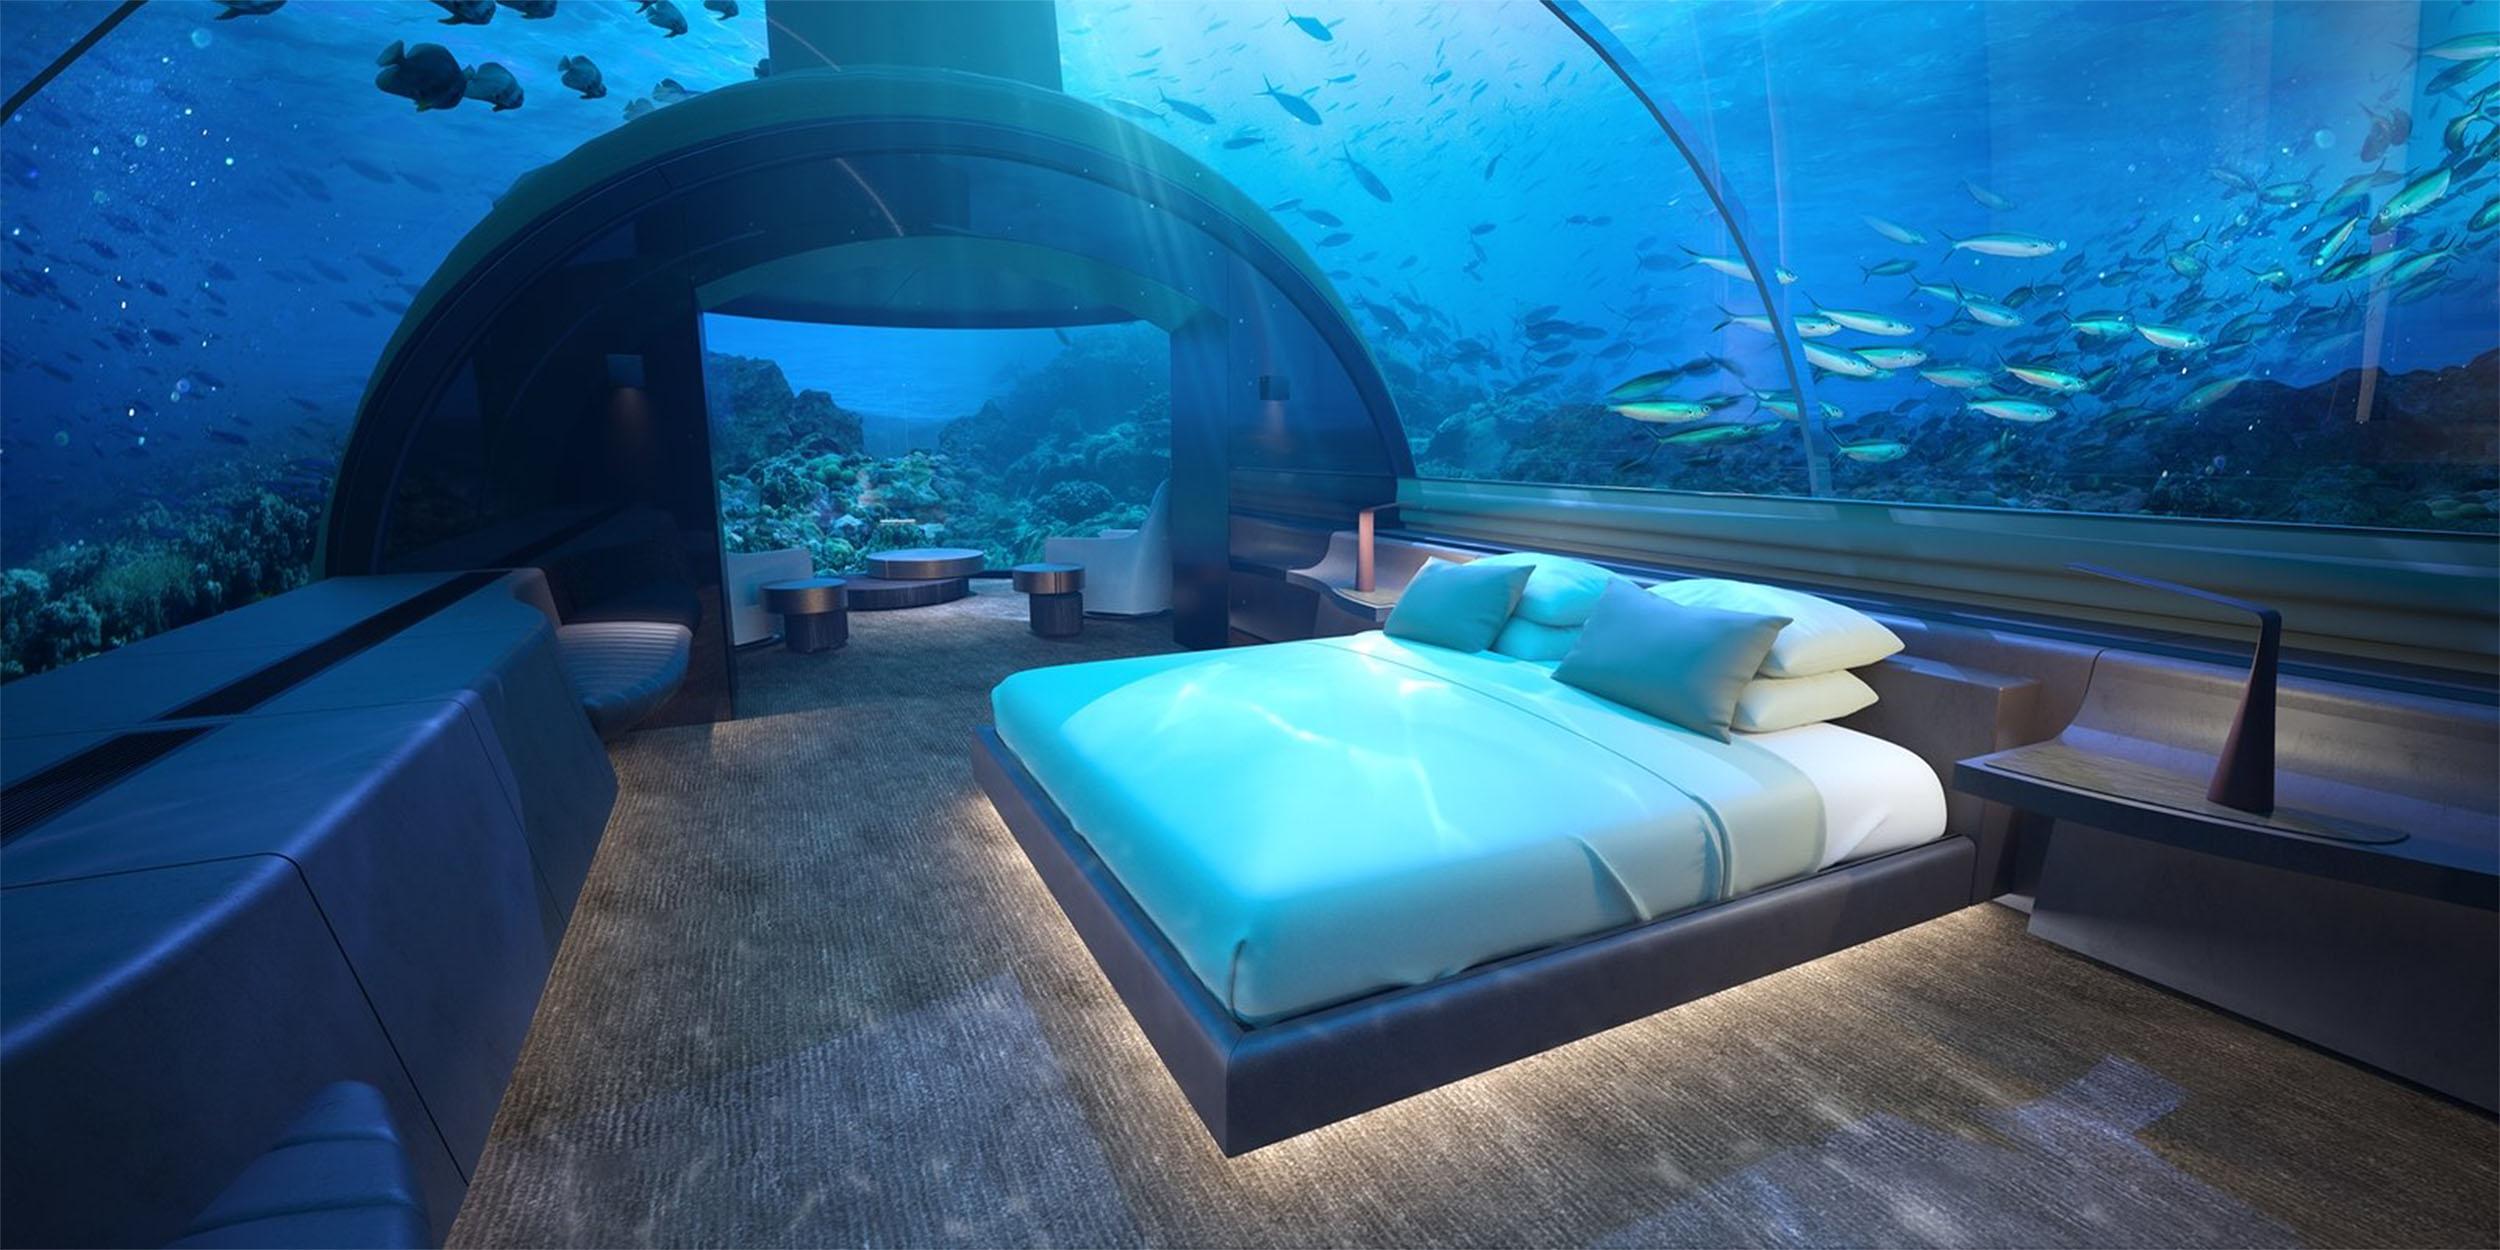 HOTEL-bajo-el-mar